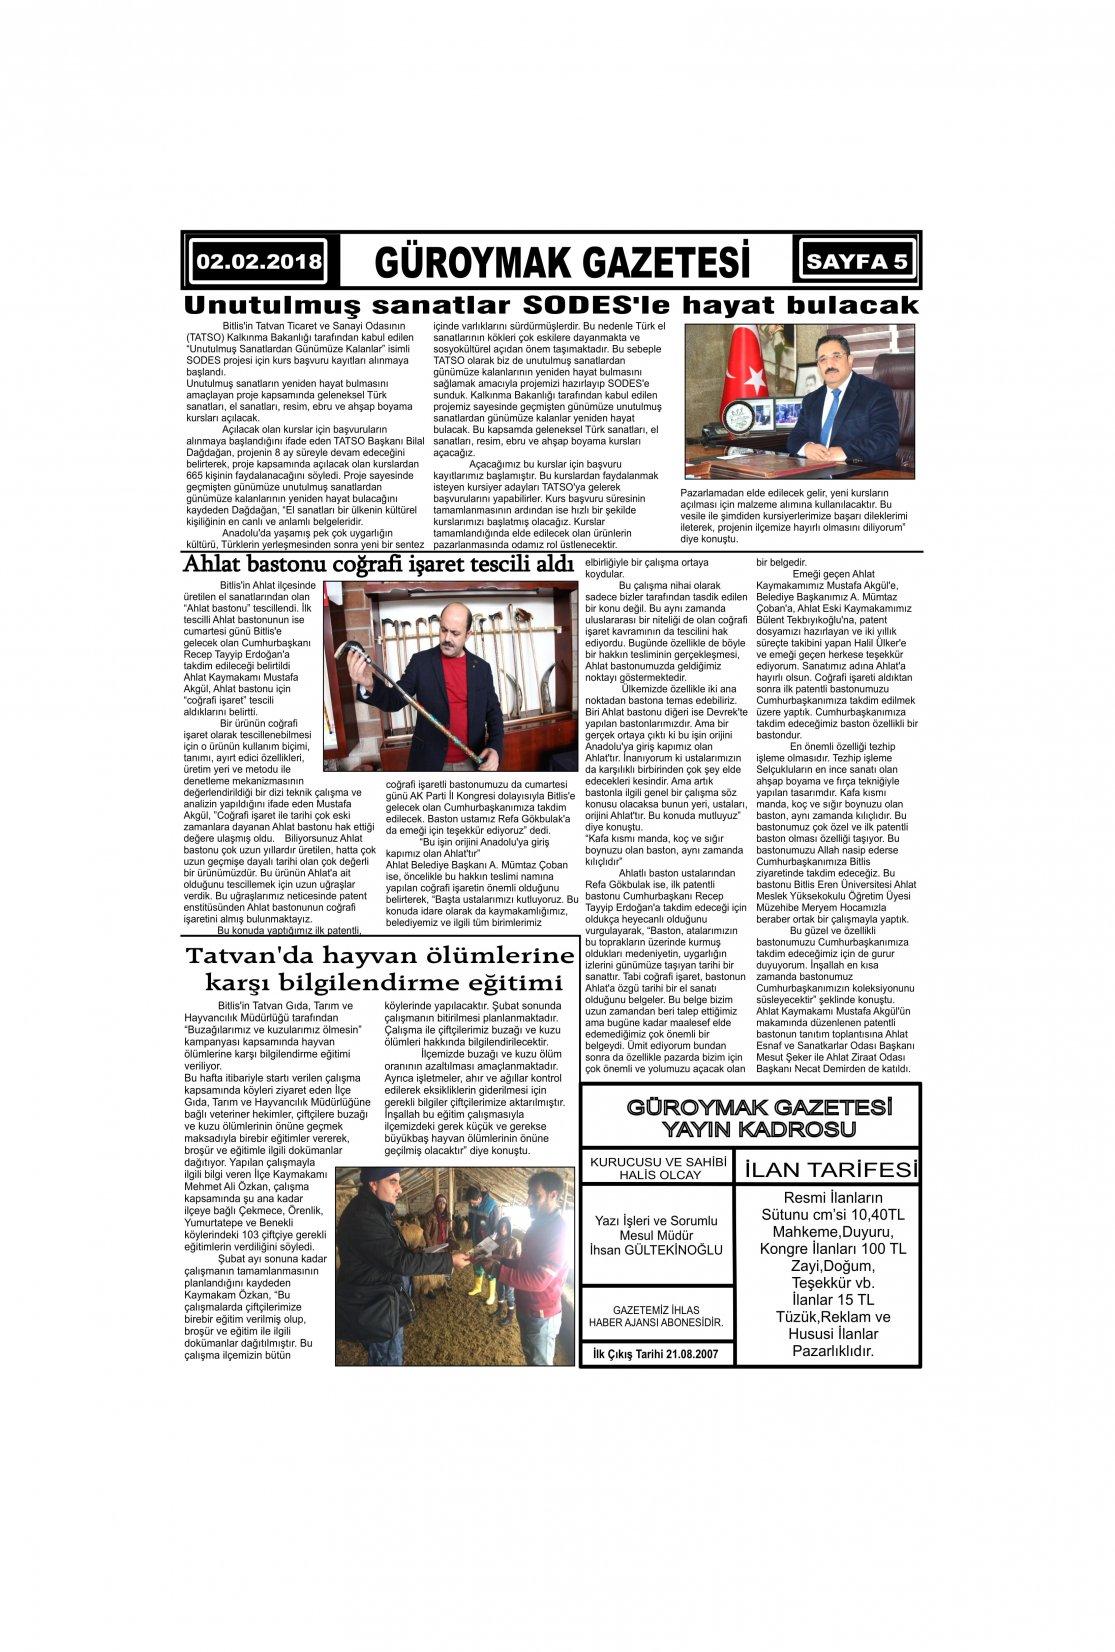 Güroymak Gazetesi 5-1.jpg Sayılı Gazete Küpürü